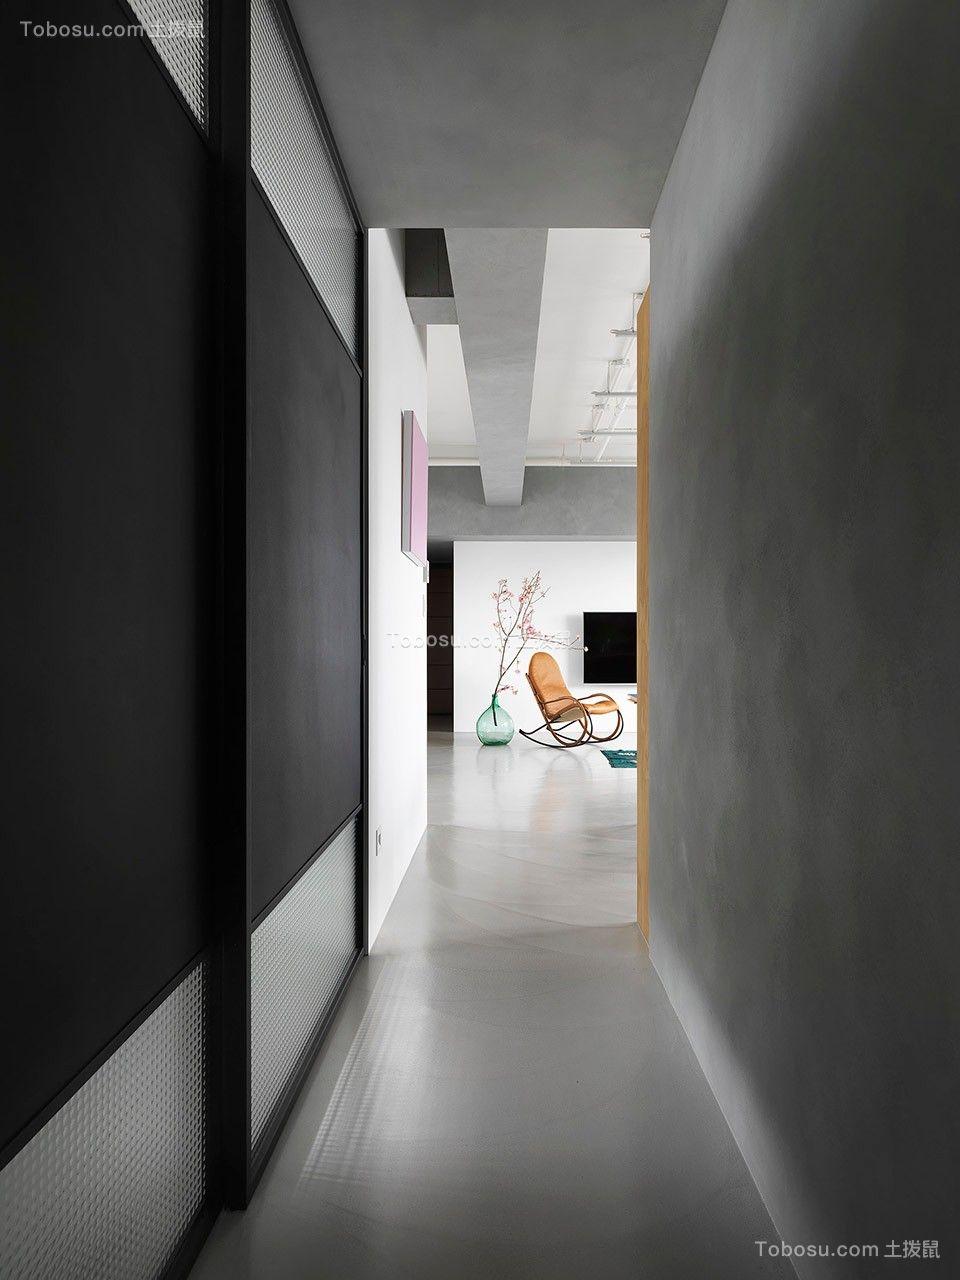 2019工业客厅装修设计 2019工业走廊装修效果图大全